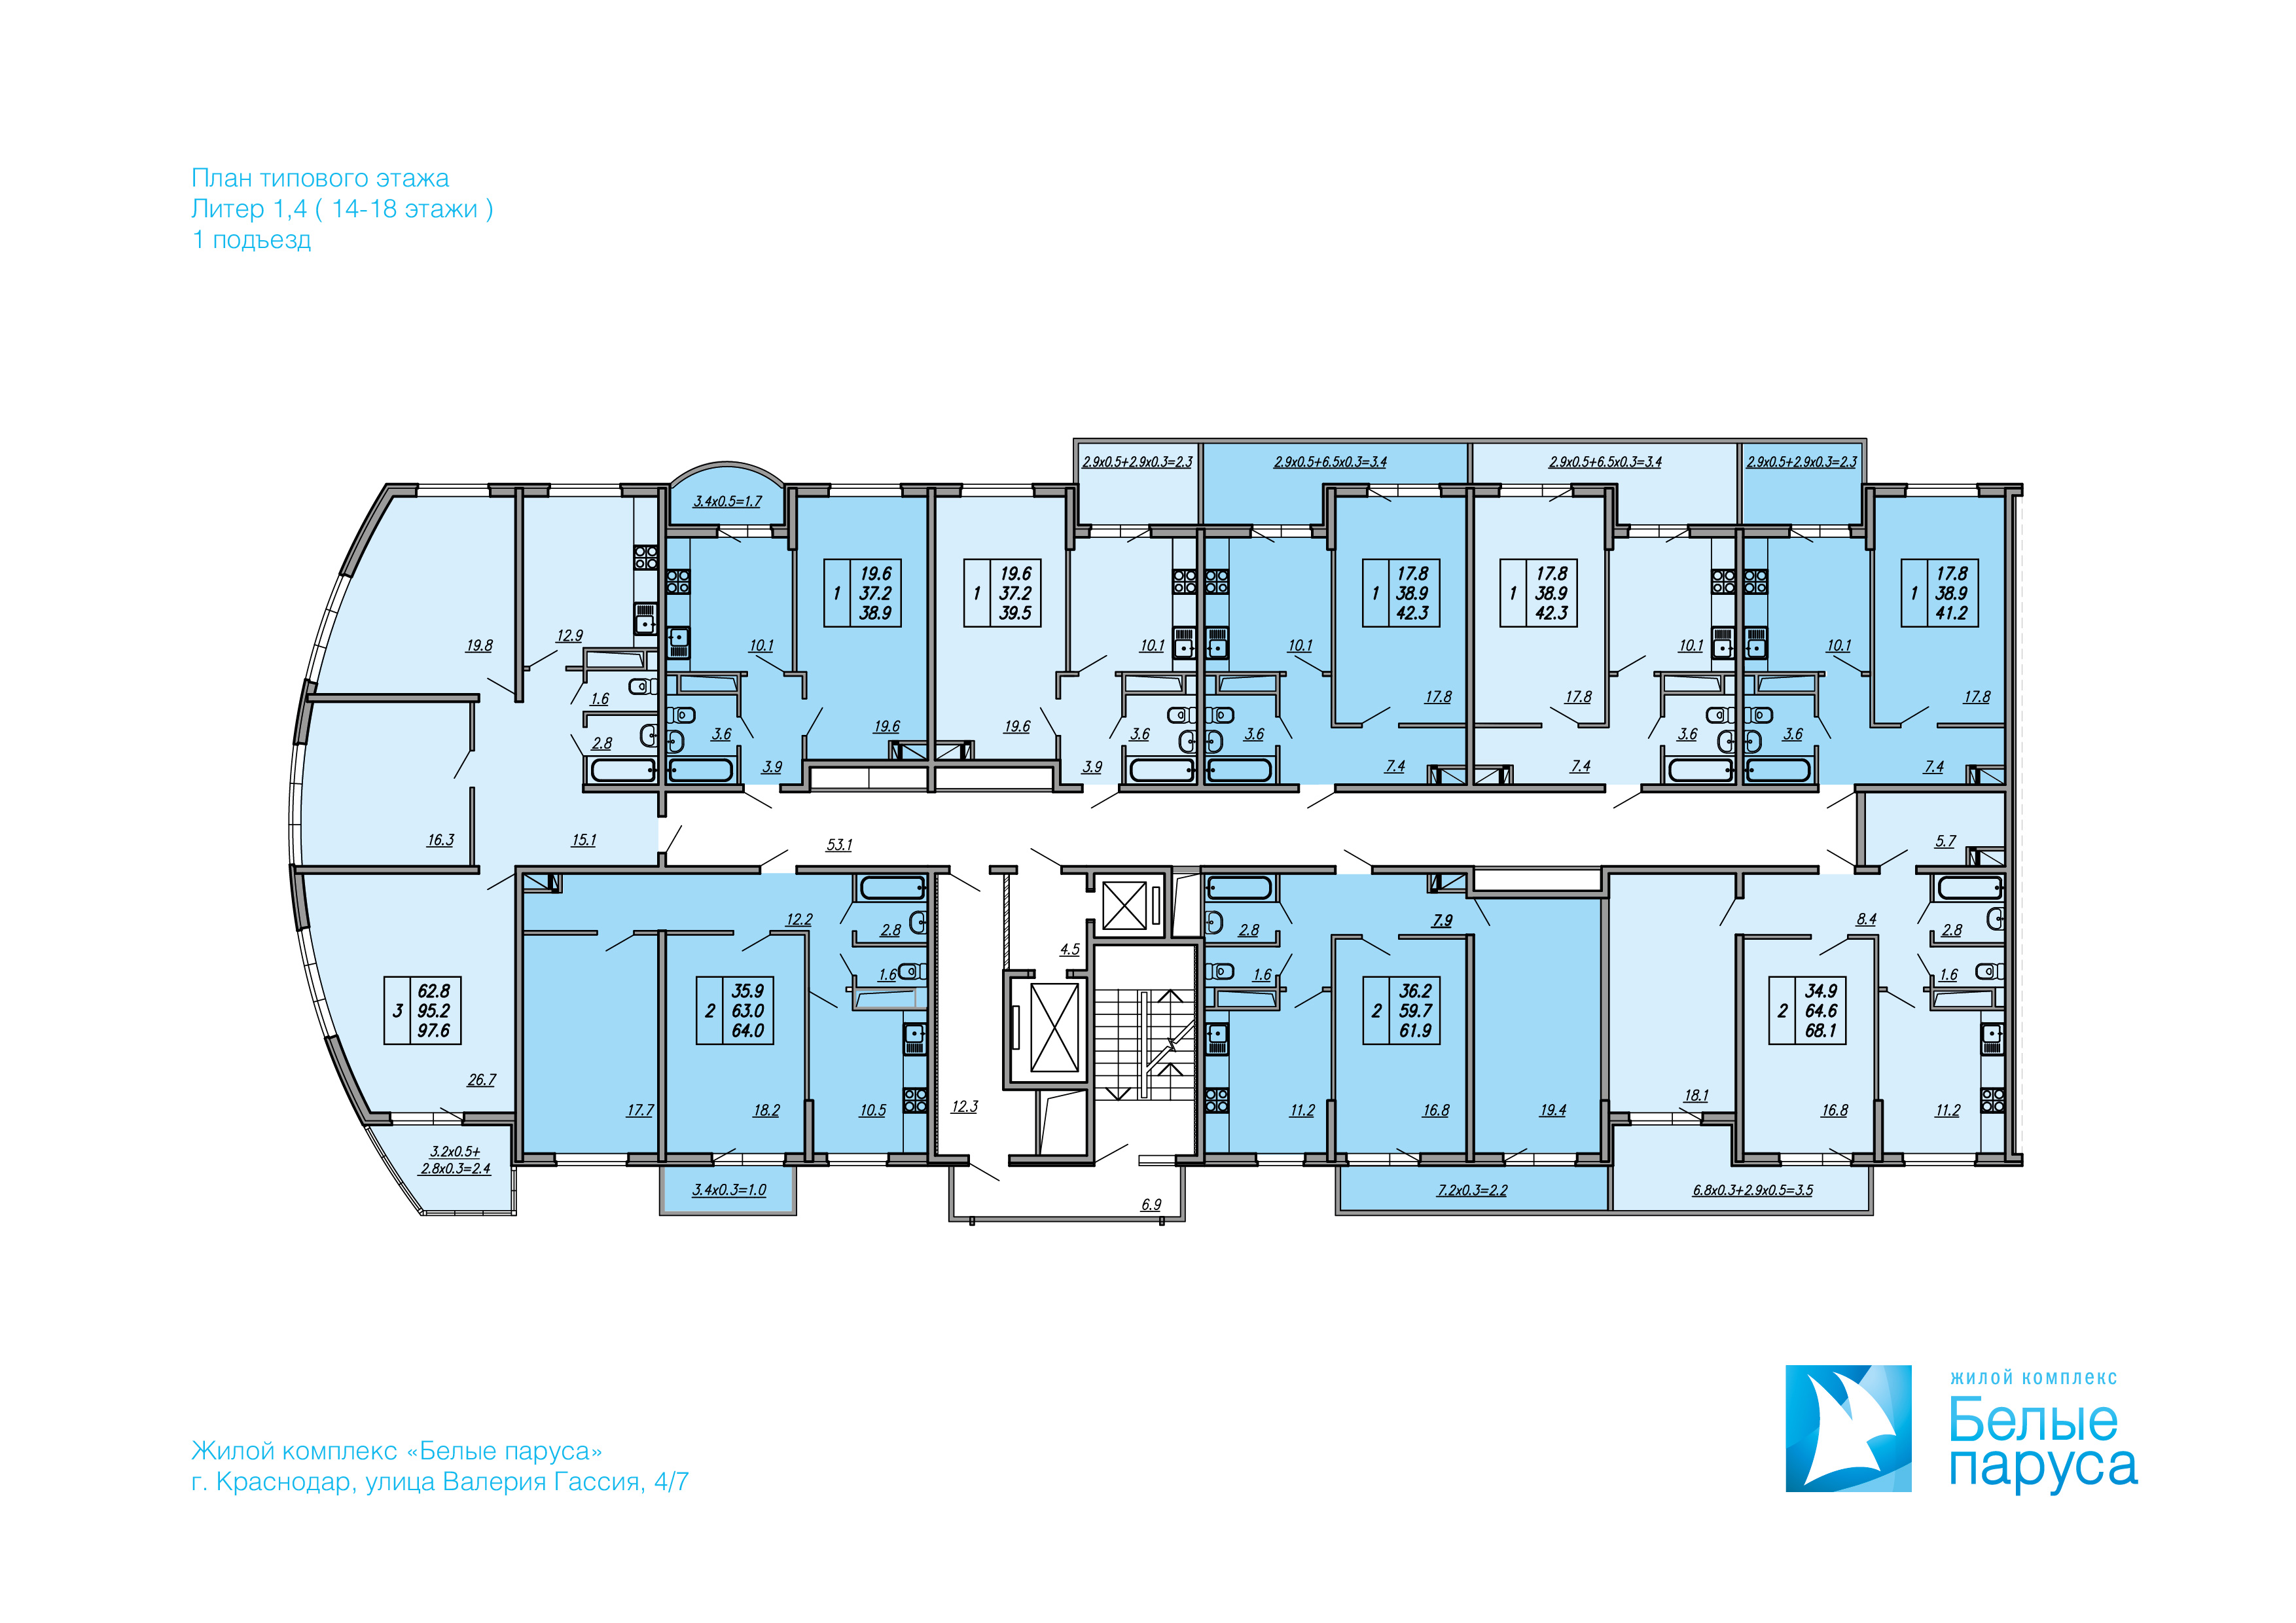 подъезд 1, этаж 14-18